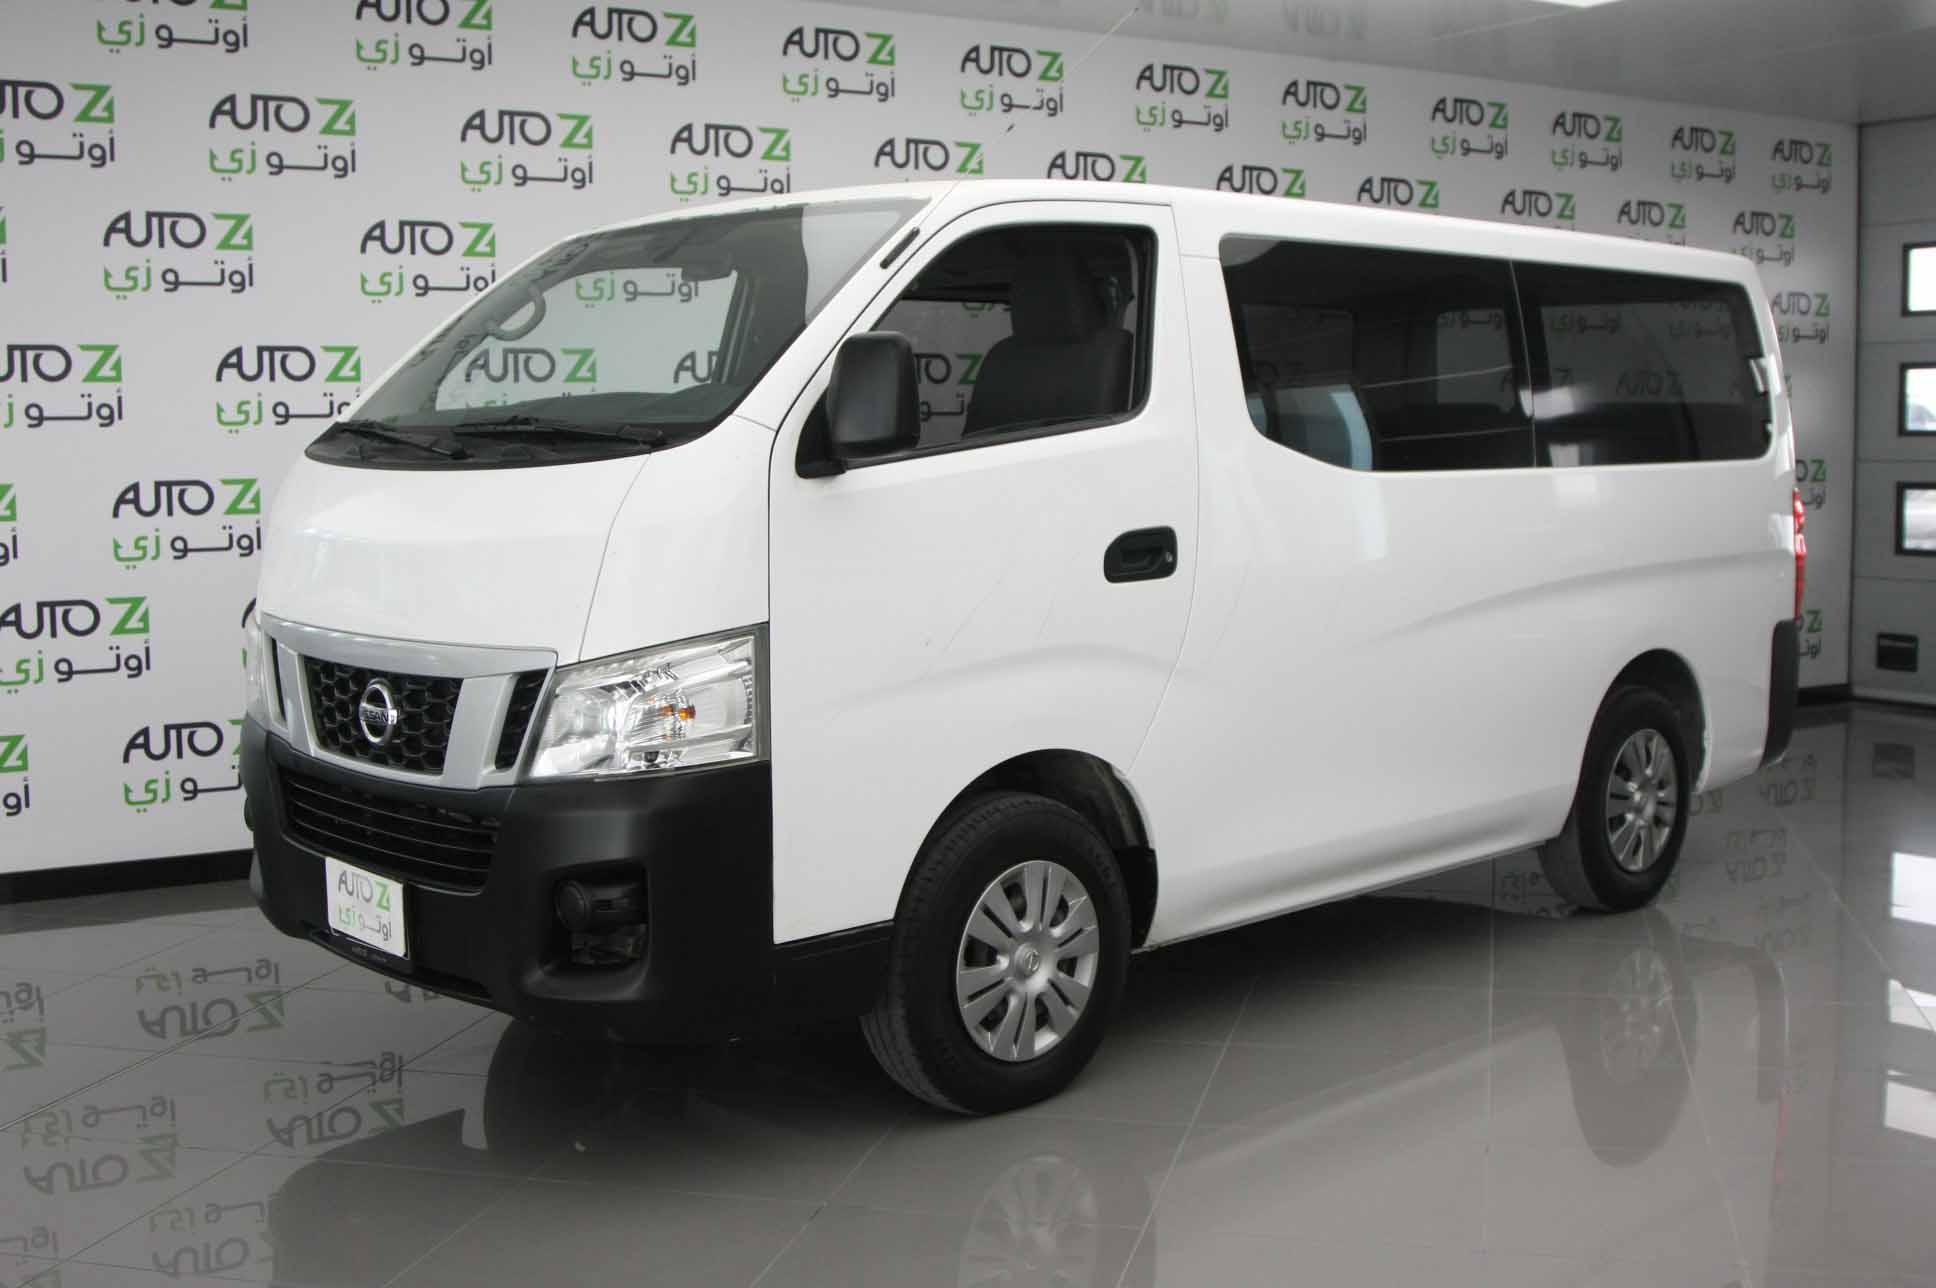 2015 Nissan Urvan